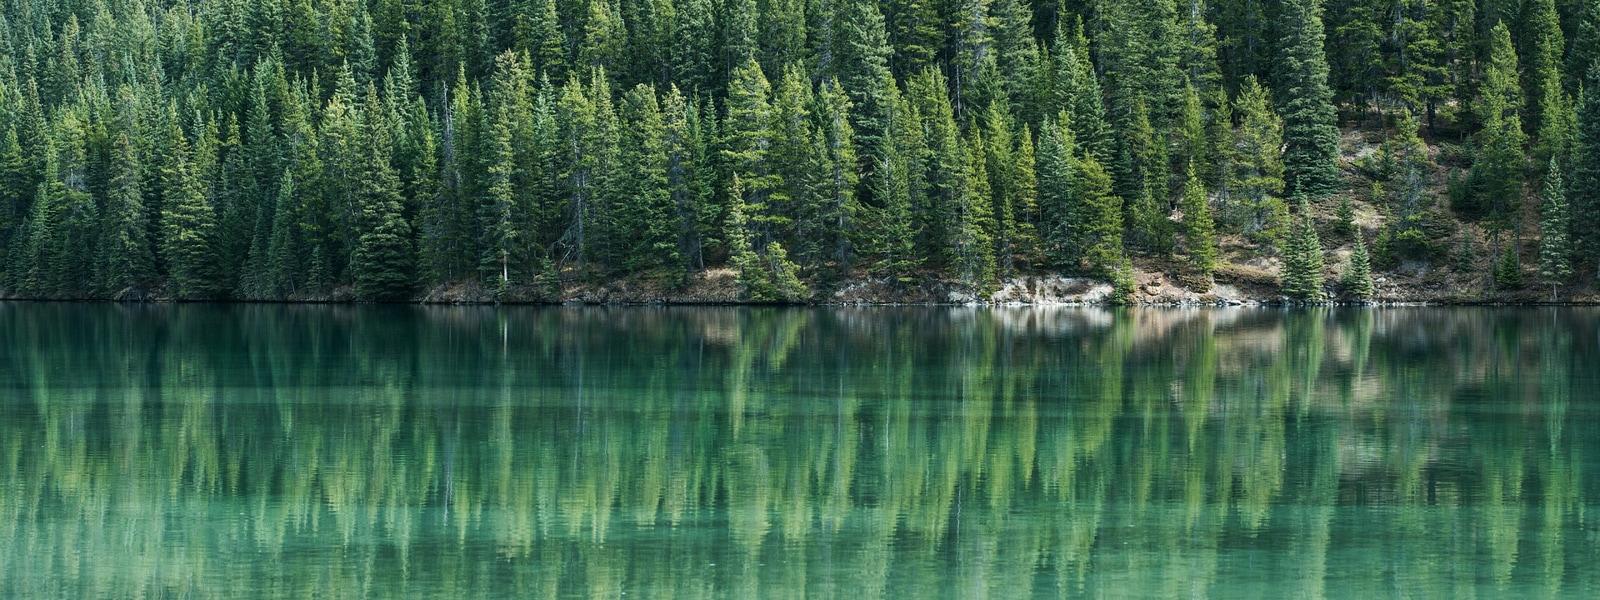 Un lac vert entouré d'arbres.